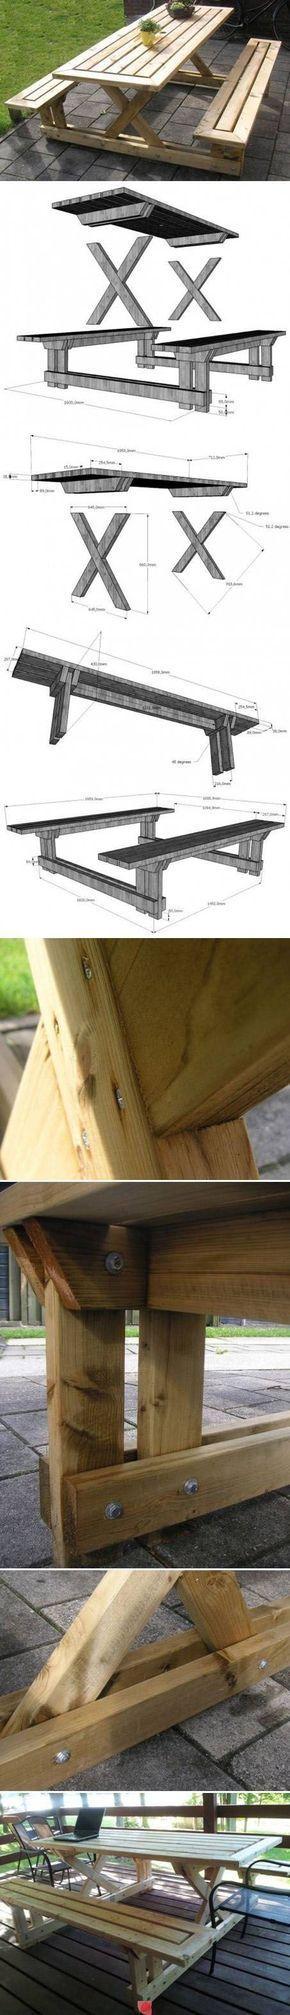 Voici comment fabriquer un meuble pour jardin travail bois